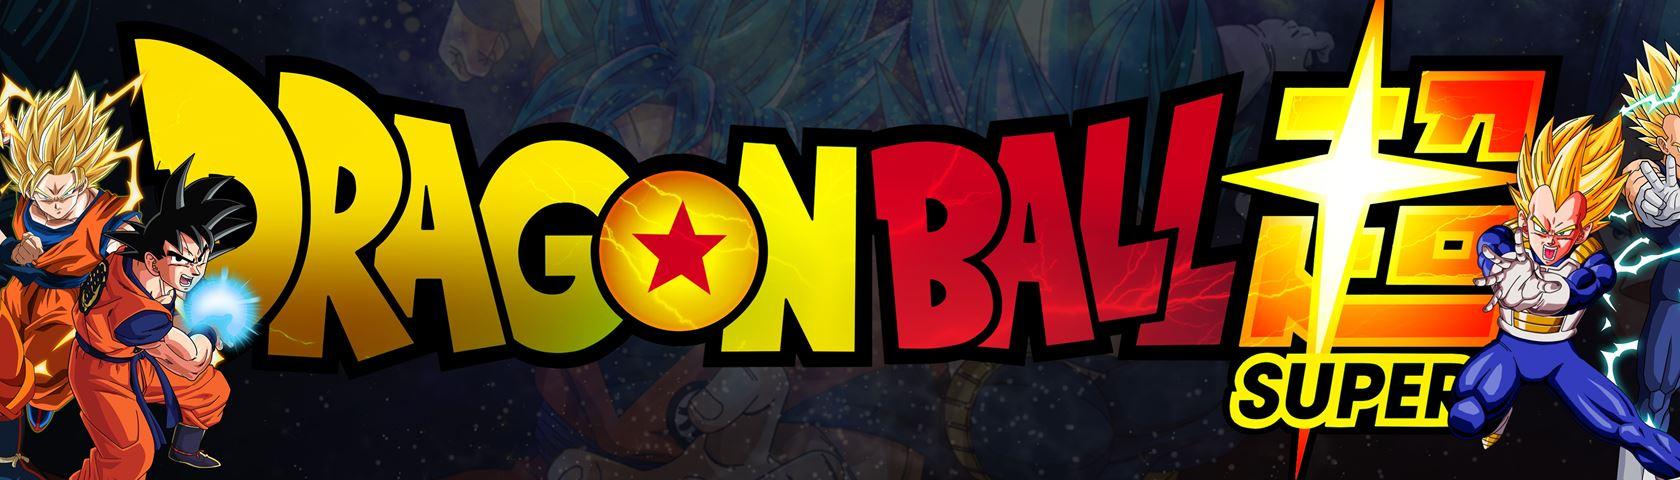 Dragon Ball Super - Goku and Vegeta